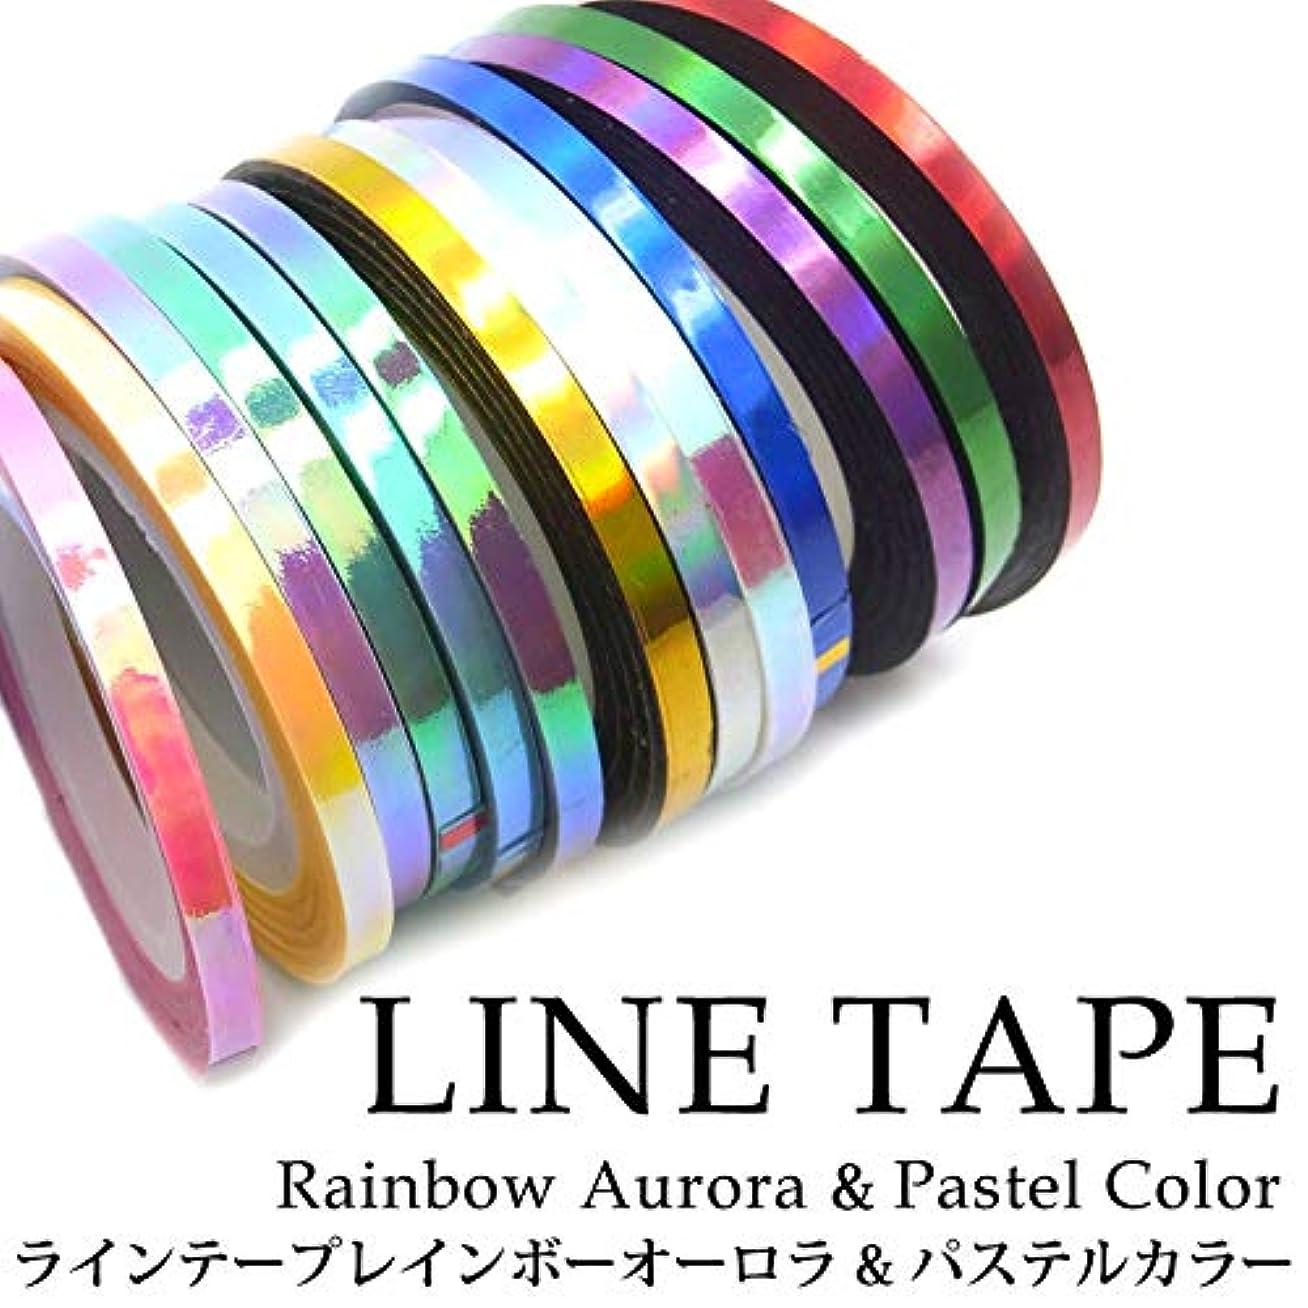 比較的懸念阻害するラインテープ レインボーオーロラ & パステルカラー 各種 3サイズ (2mm, 6.レインボーオーロラグリーン)